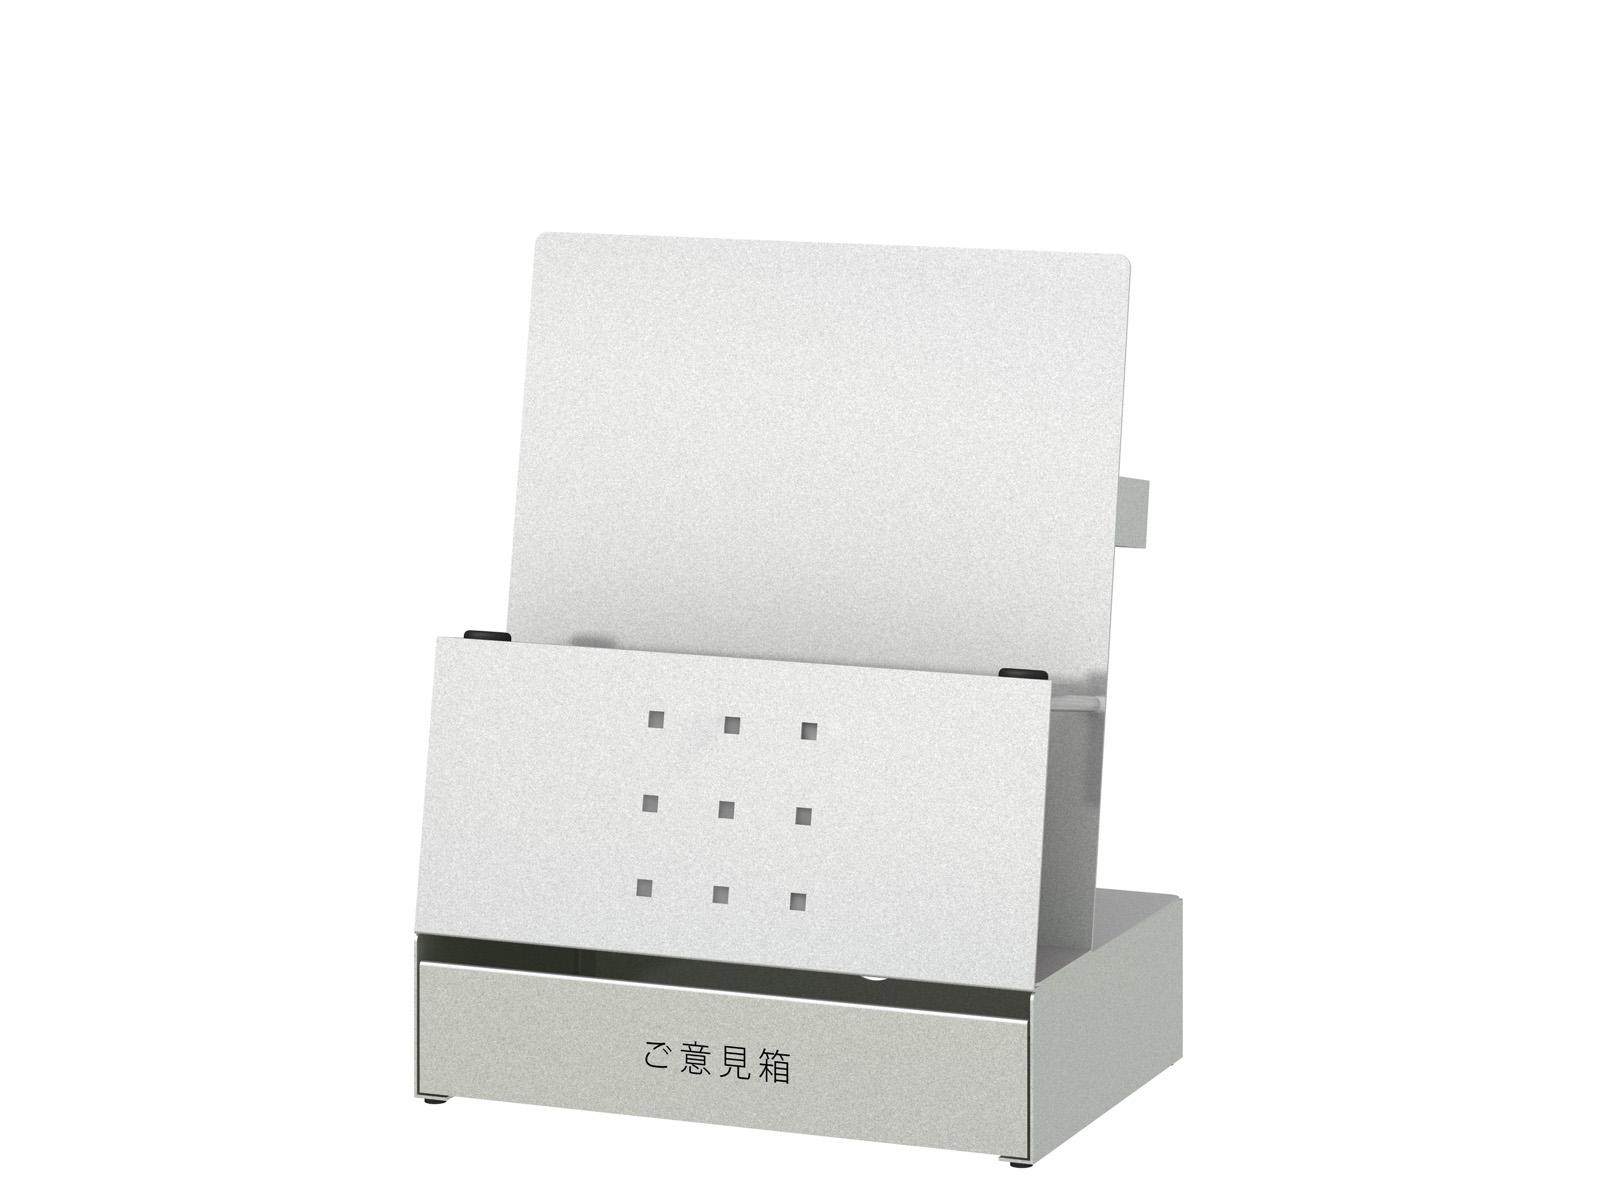 用紙スタンド付ご意見箱 シルバー (PSS-1MPGBS)